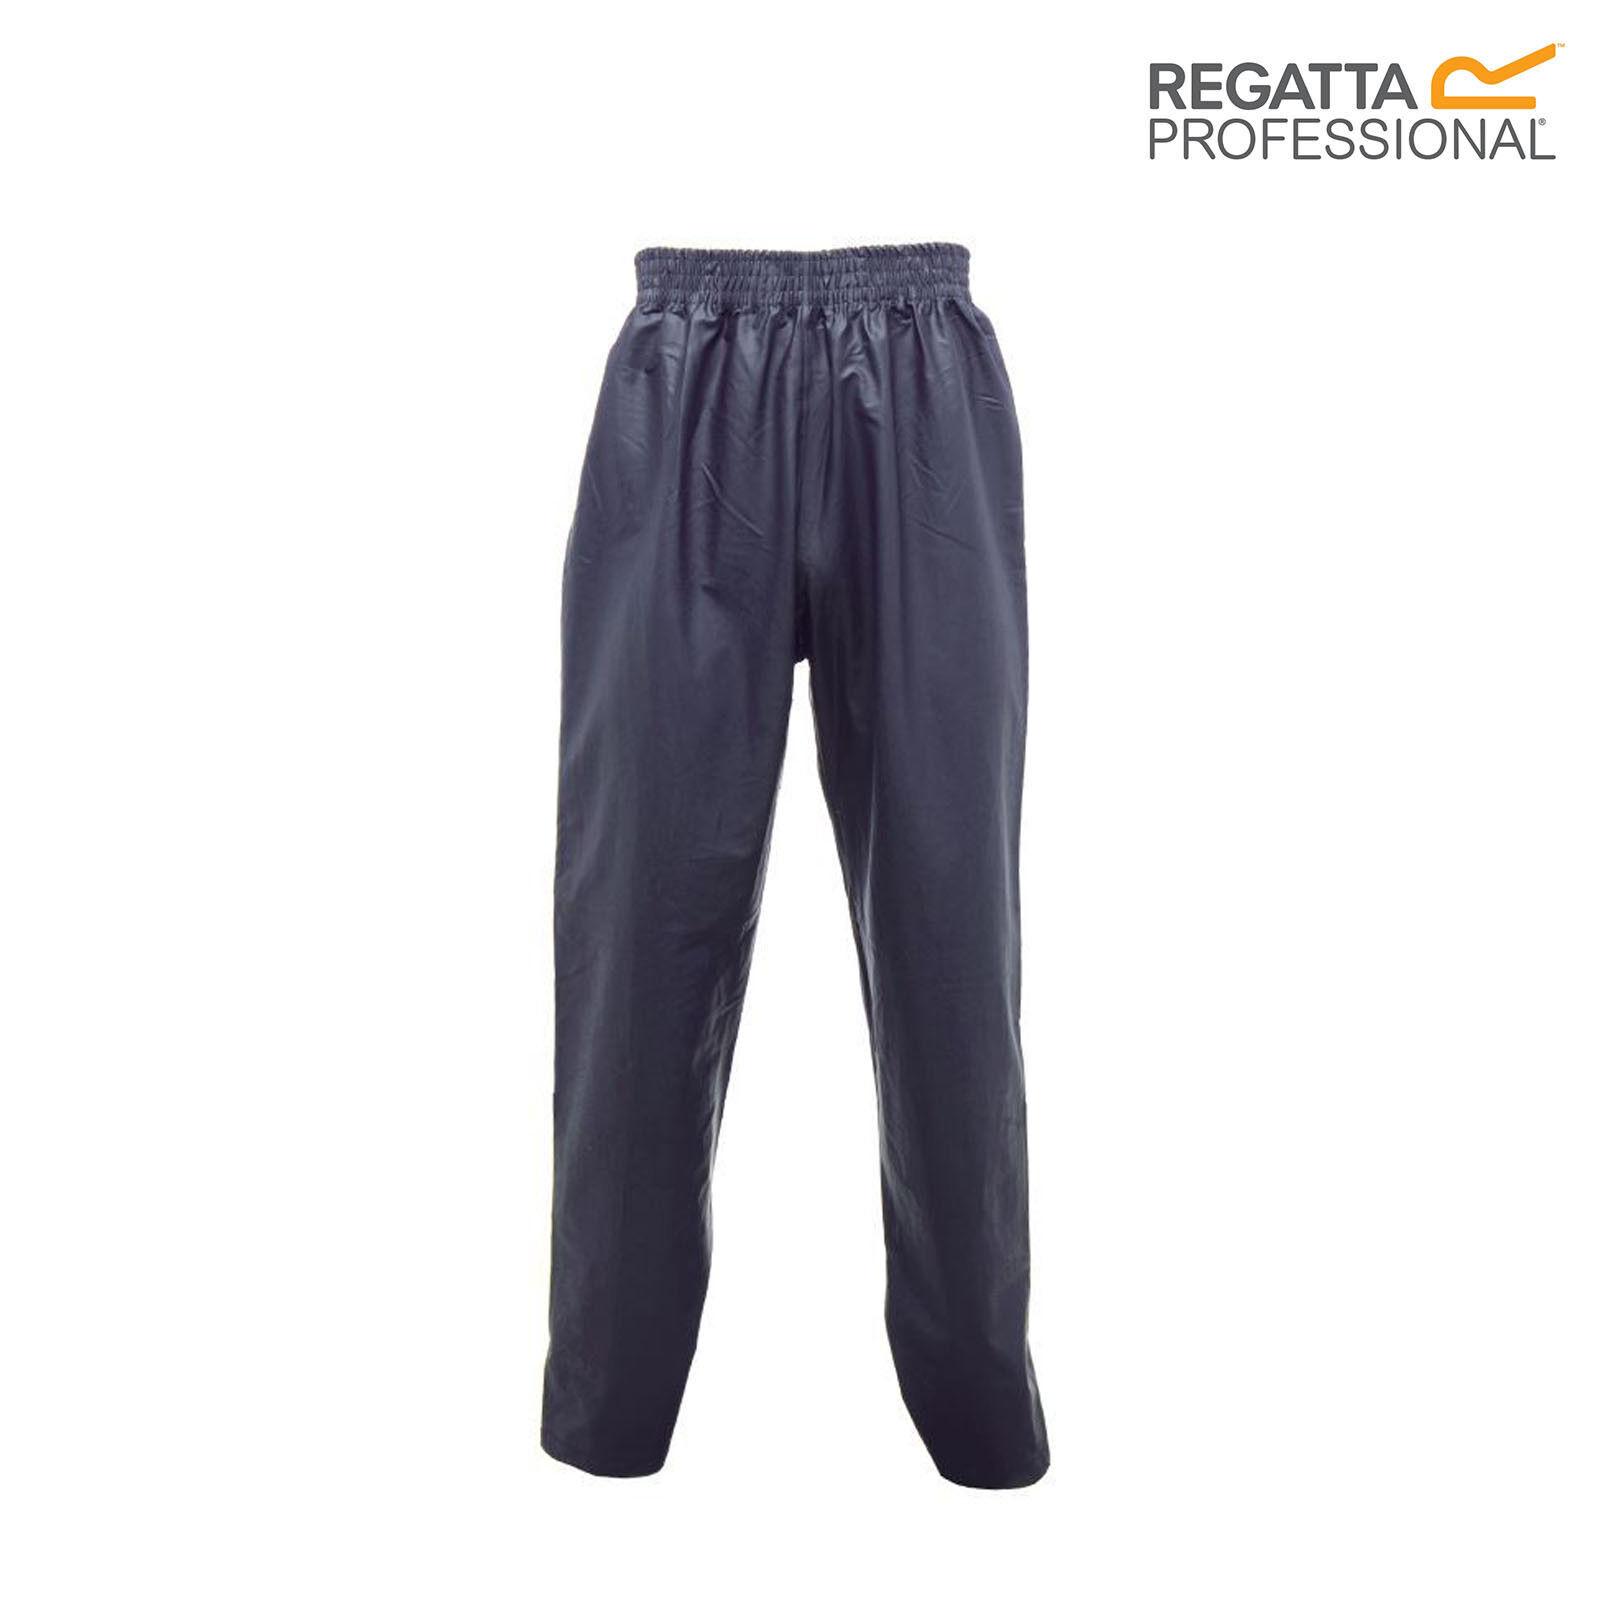 Regatta Professional Stormflex Ogreenrousers TRW356